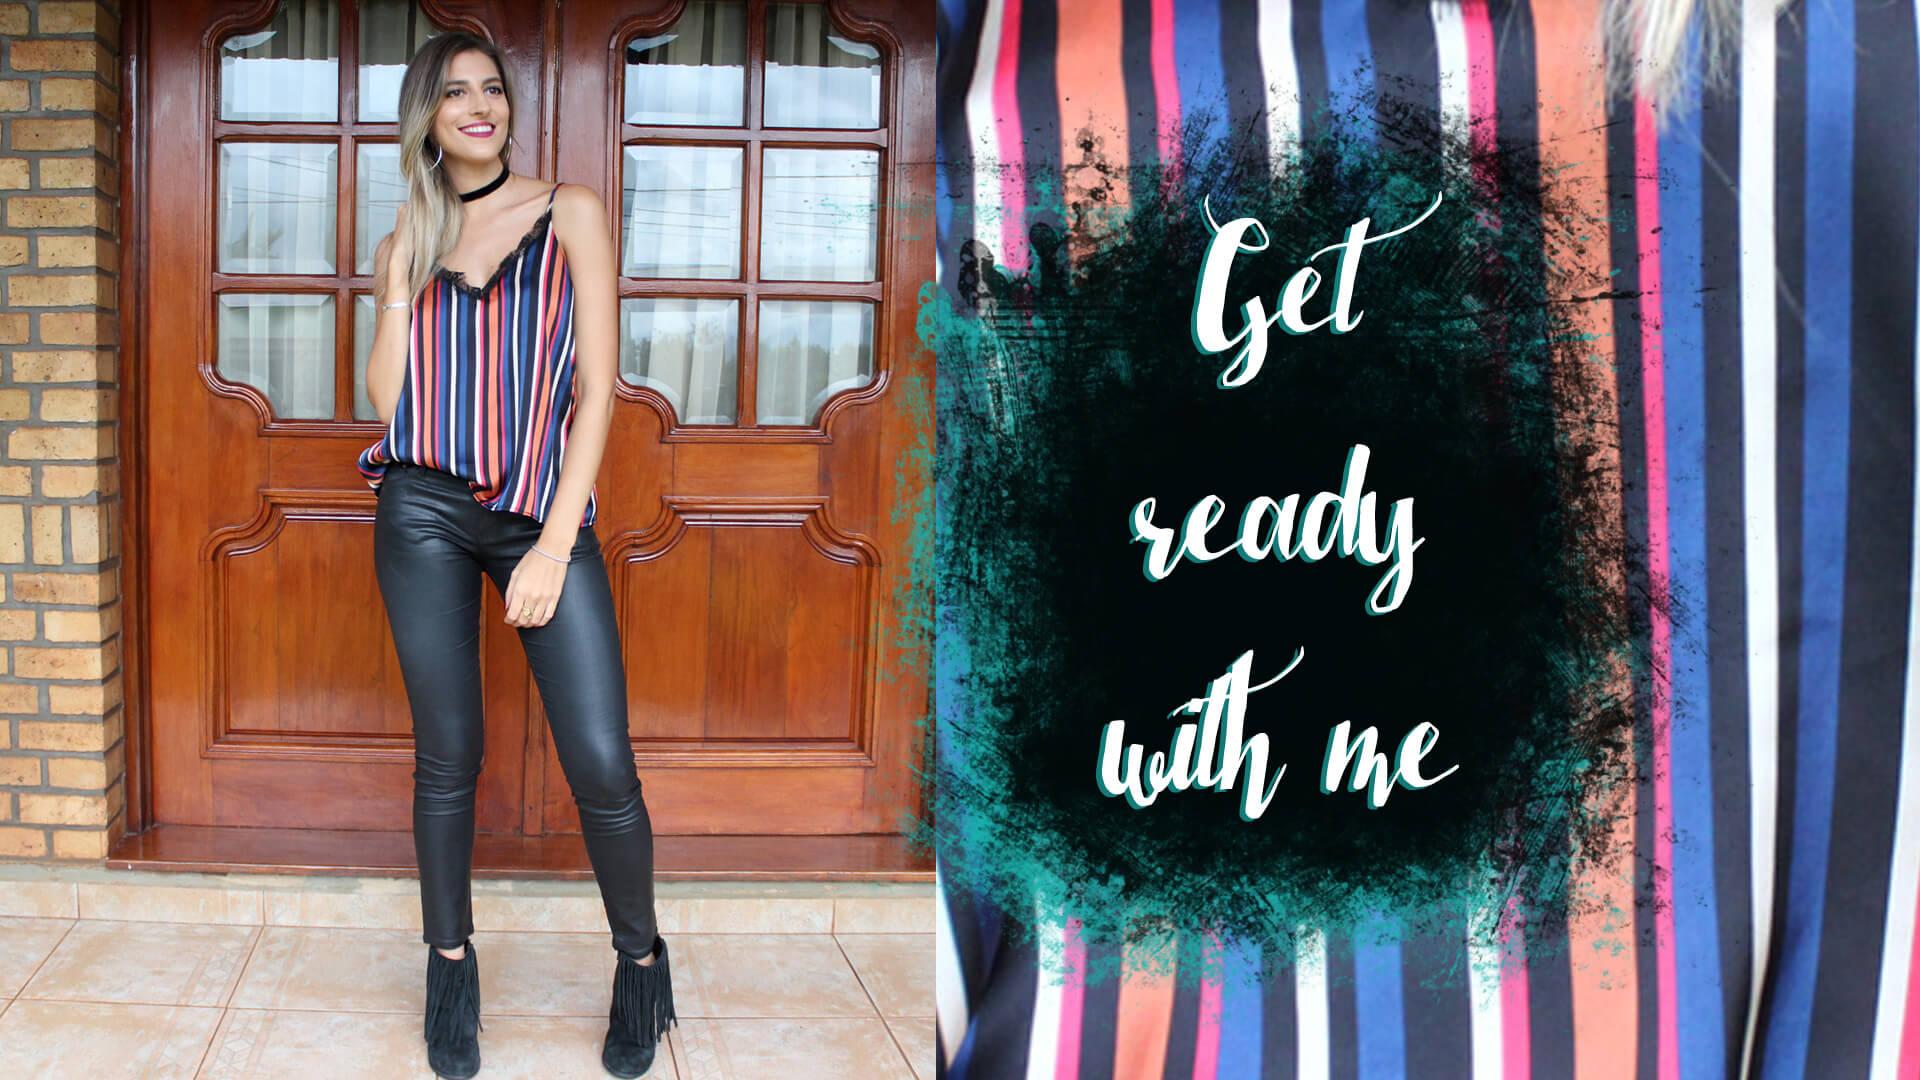 Get ready with me: Fin de semana